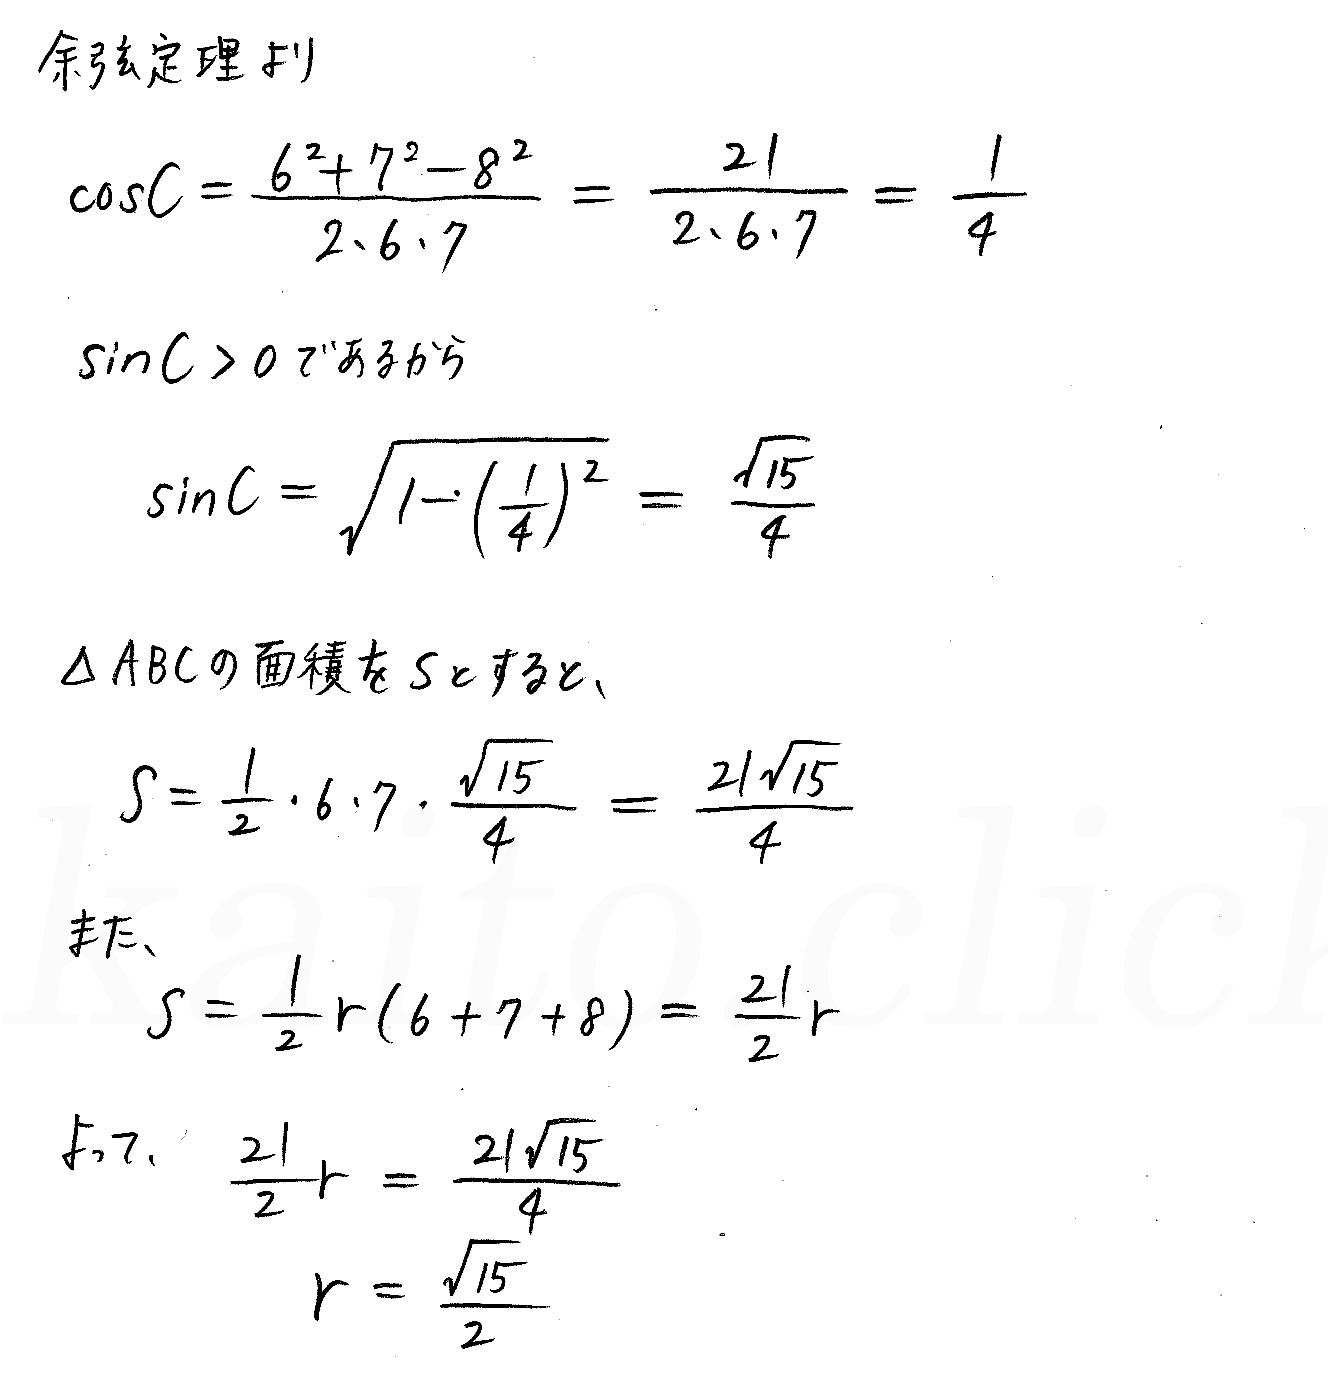 クリアー数学1-322解答